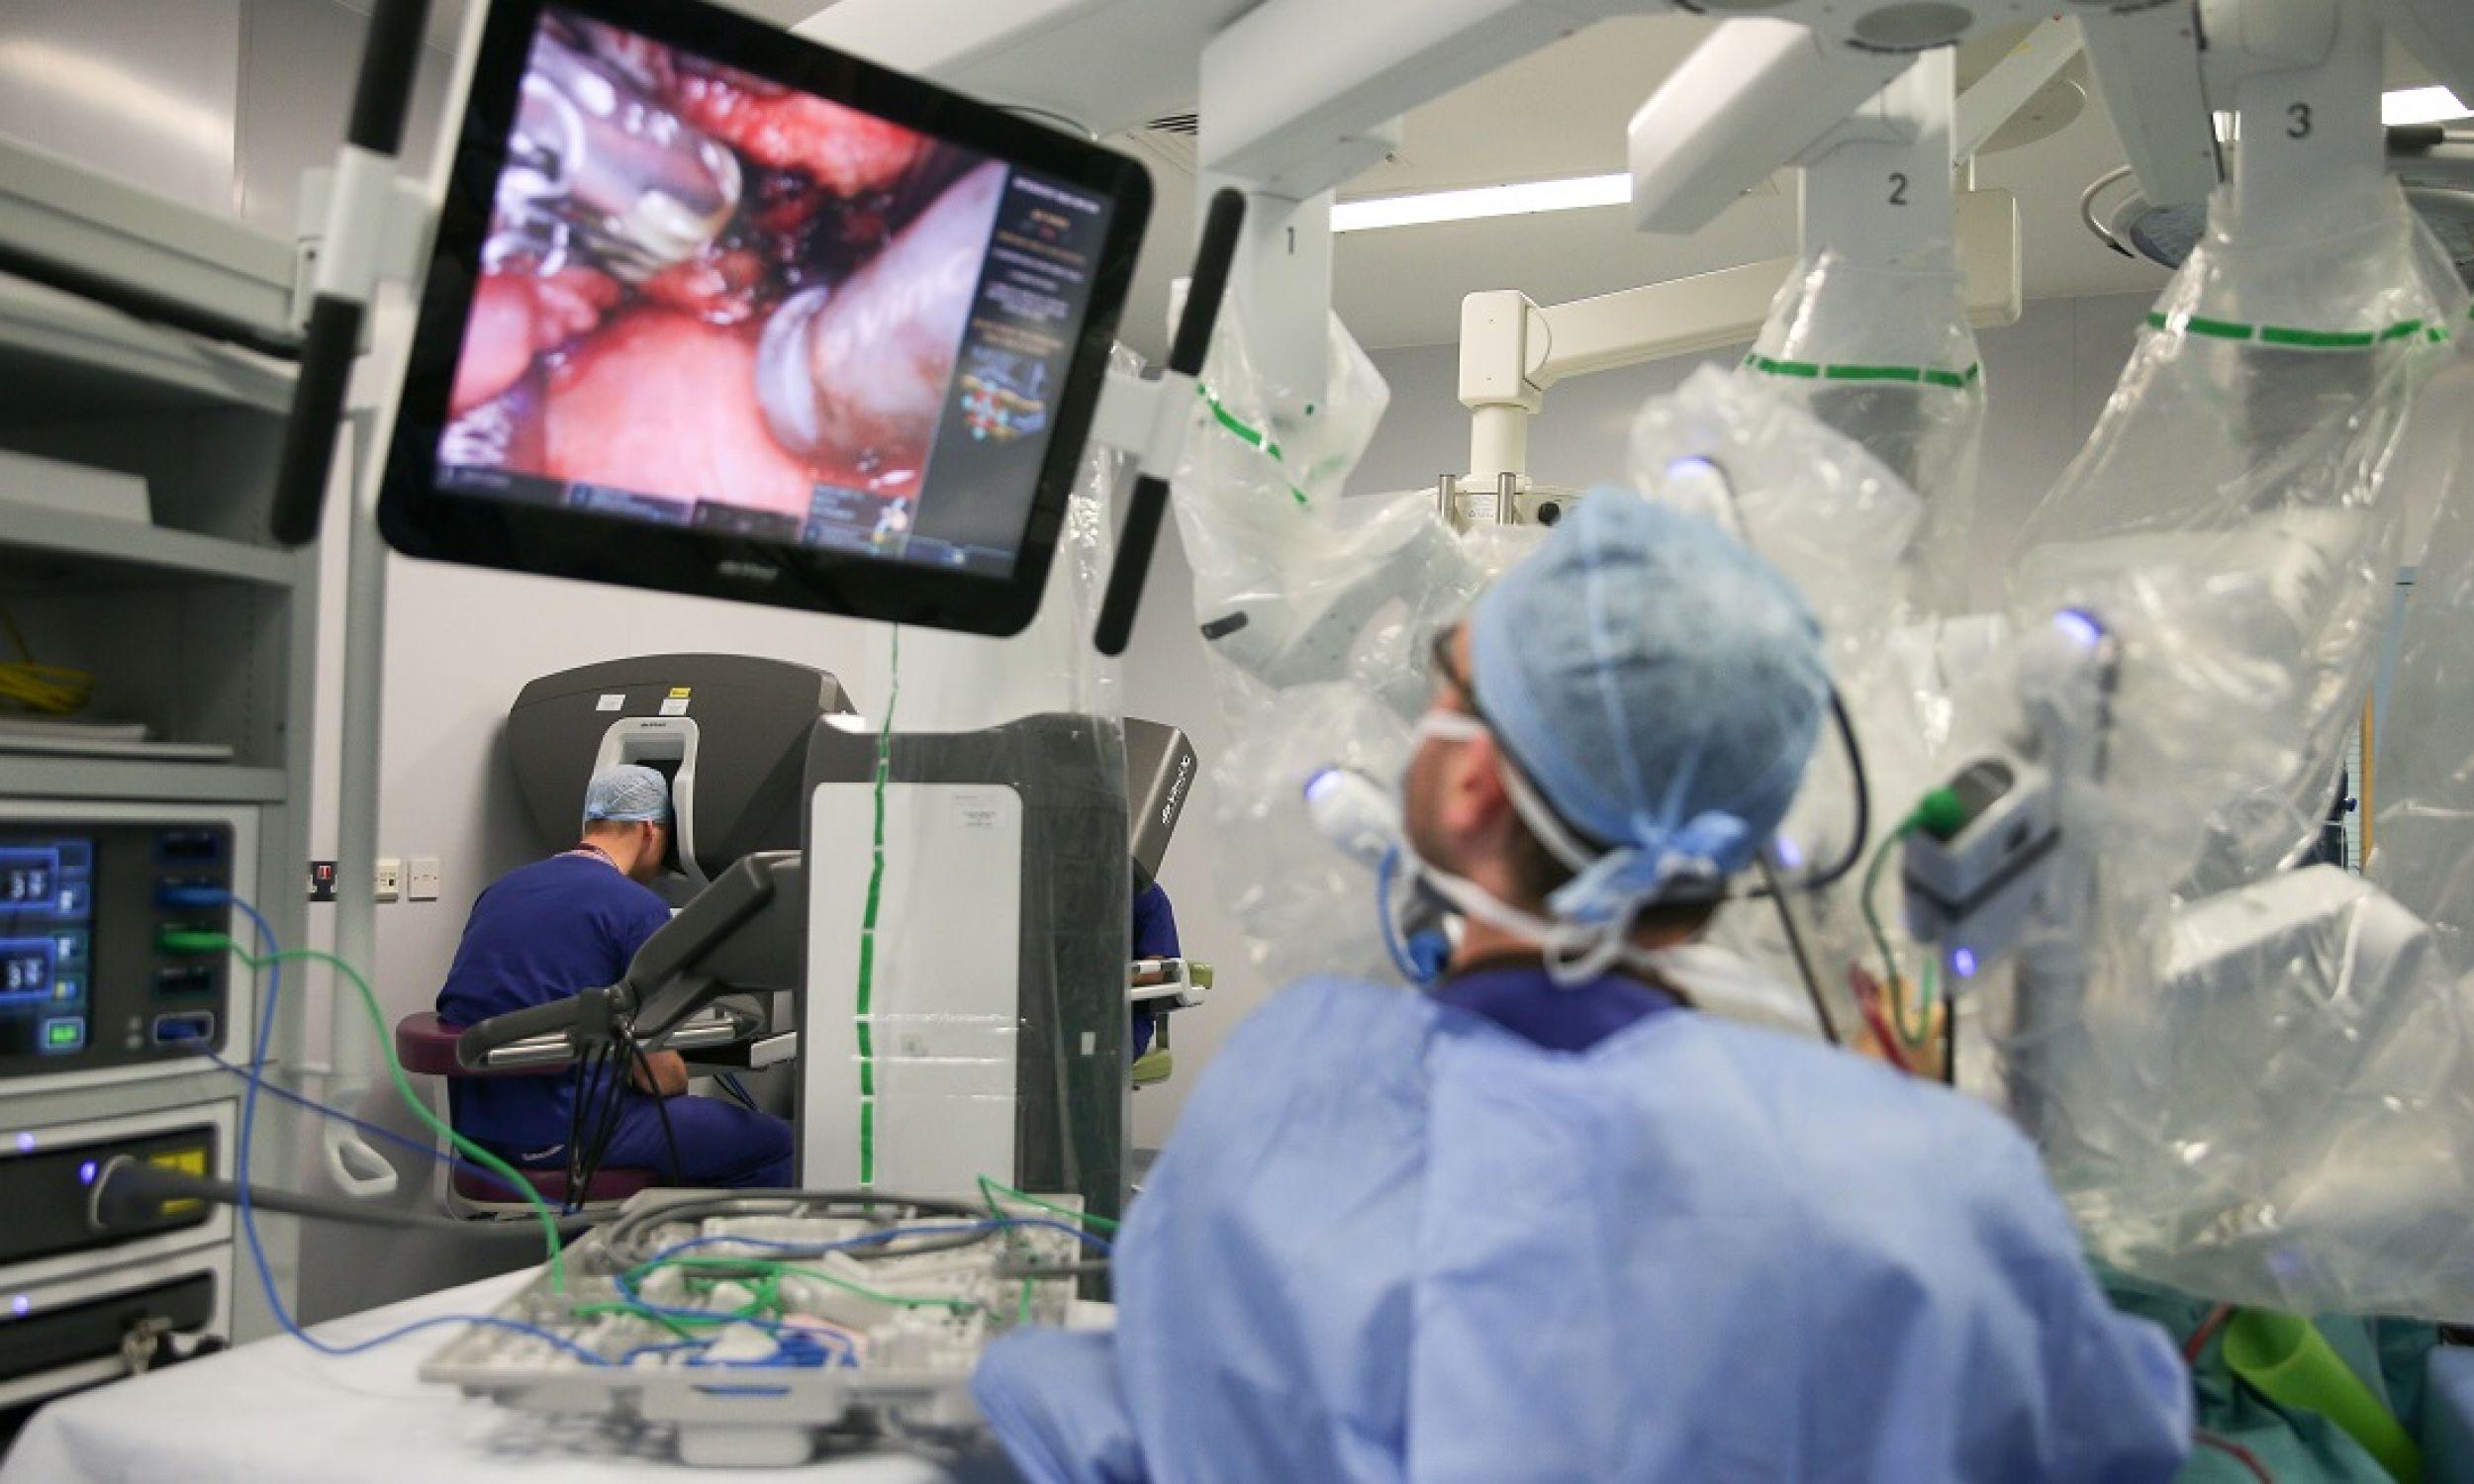 Chirurg Vin Paleri (po prawej) za pomocą rpbota da Vinci przeprowadza minimalnie inwazyjną operację hemiglossektomii podstawy języka na 67-letniej pacjentce Anne White, styczeń 2018 roku. Zabieg w Royal Marsden Hospital w Londynie obserwuje na konsoli William, książę Cambridge (po lewej), który odwiedził placówkę, by obejrzeć dwie pionierskie, zrobotyzowane operacje. Fot. Daniel Leal-Olivas - WPA Pool / Getty Images